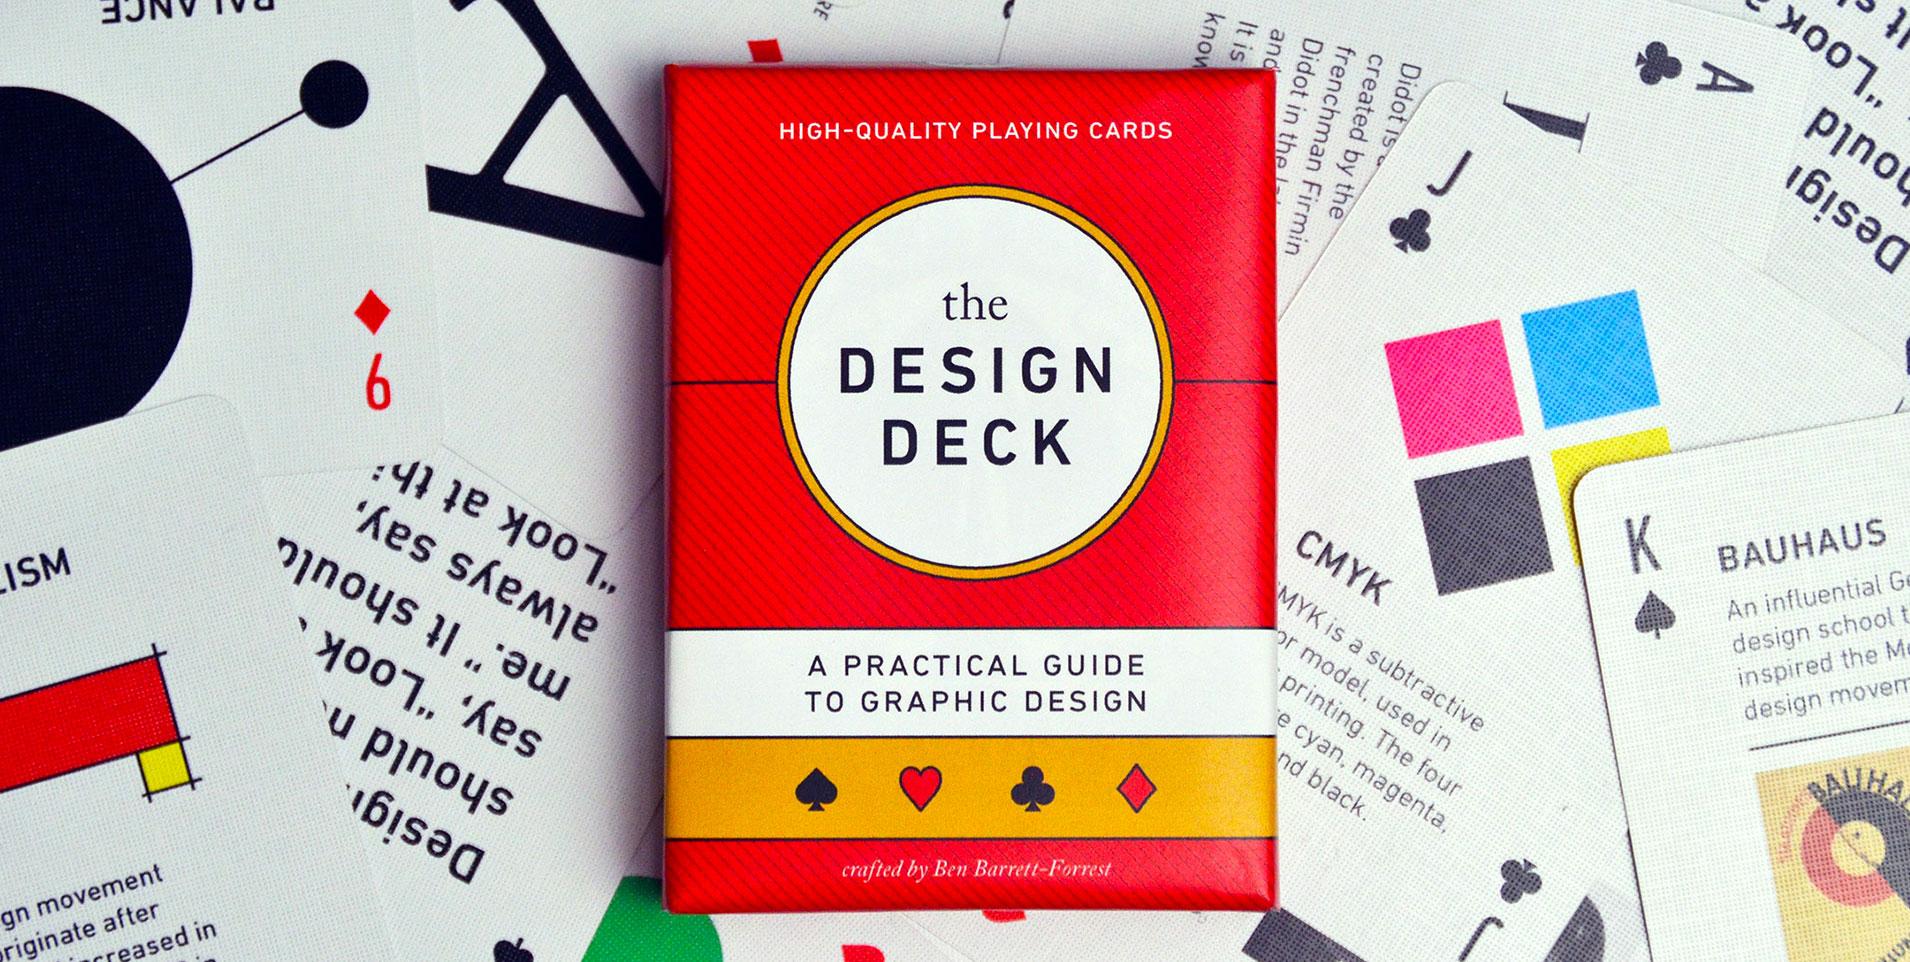 double-duty-design-deck-blog